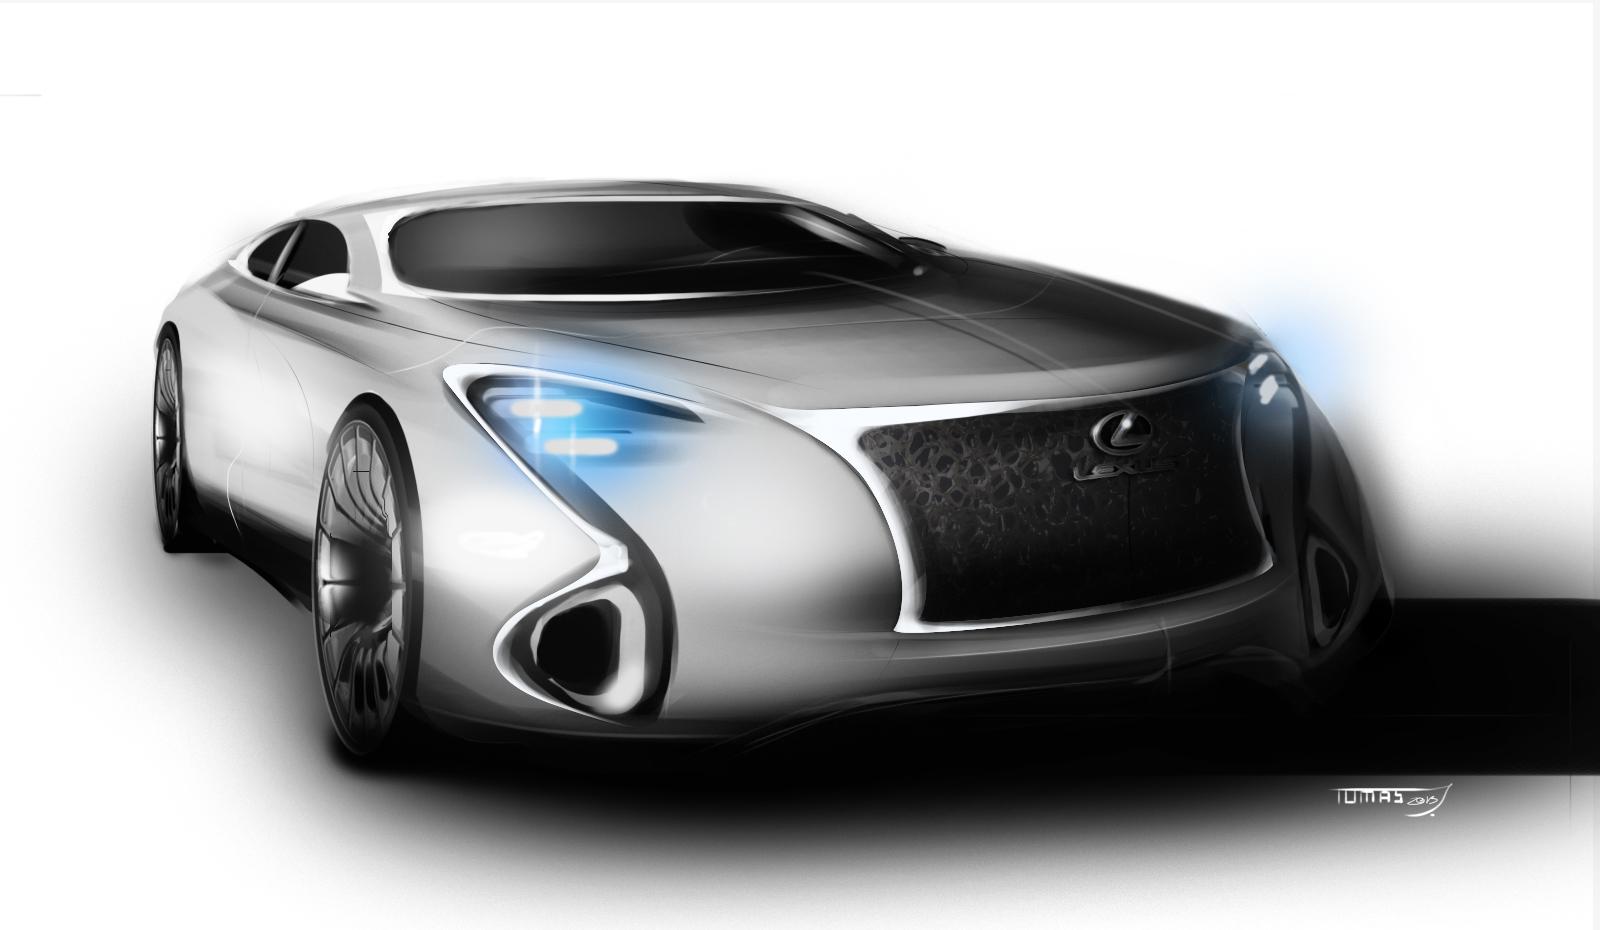 JNKDESIGNWORKS Freelance Design : Lexus concept sketch